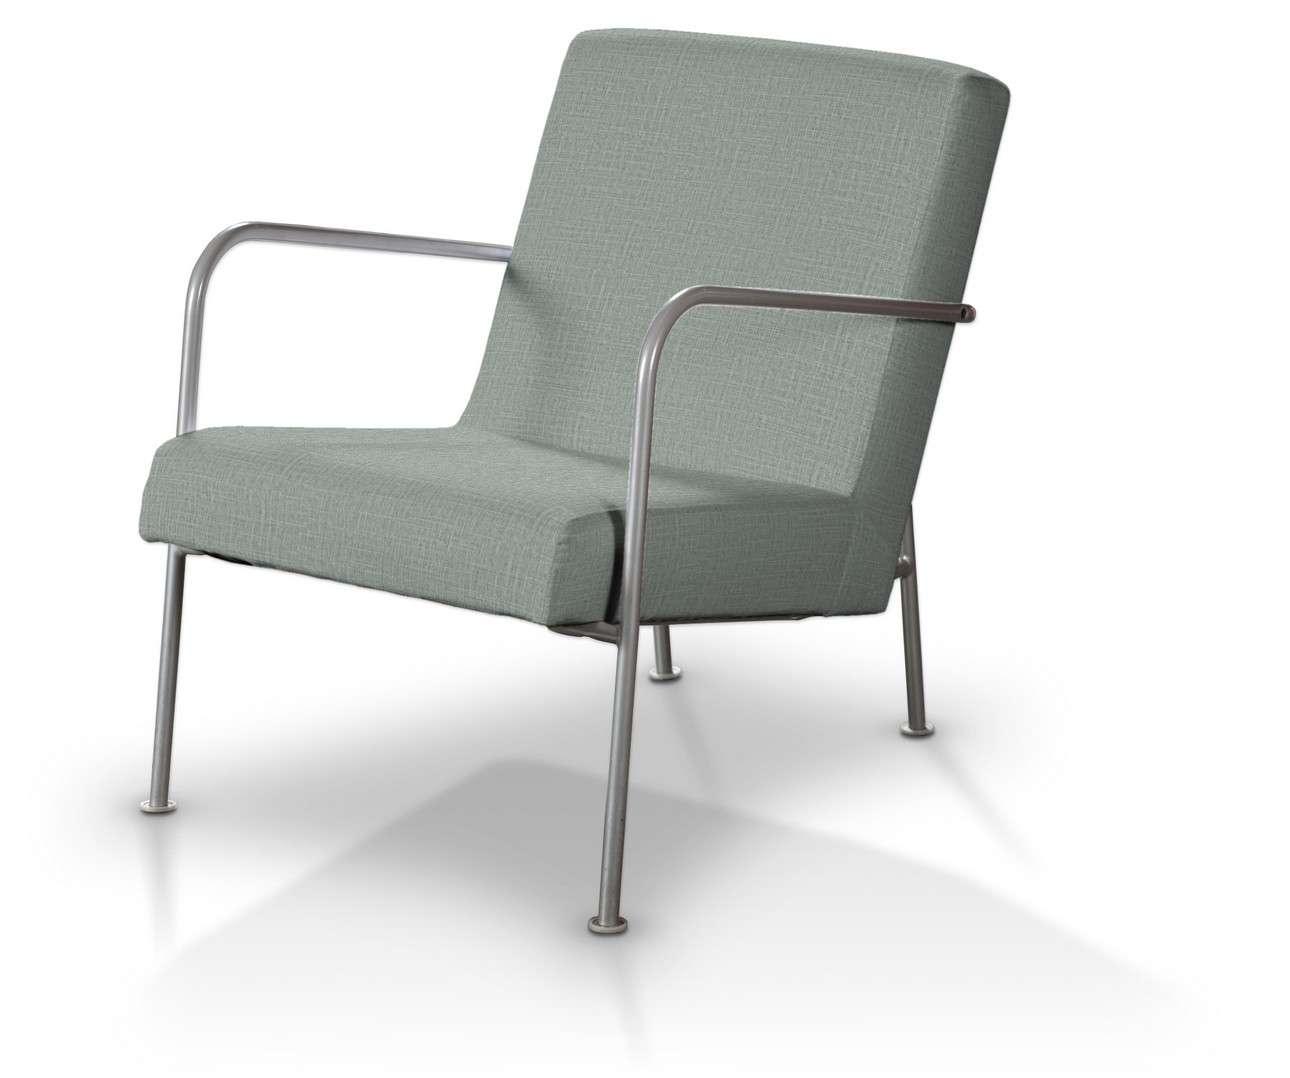 Pokrowiec na fotel Ikea PS w kolekcji Living, tkanina: 160-86